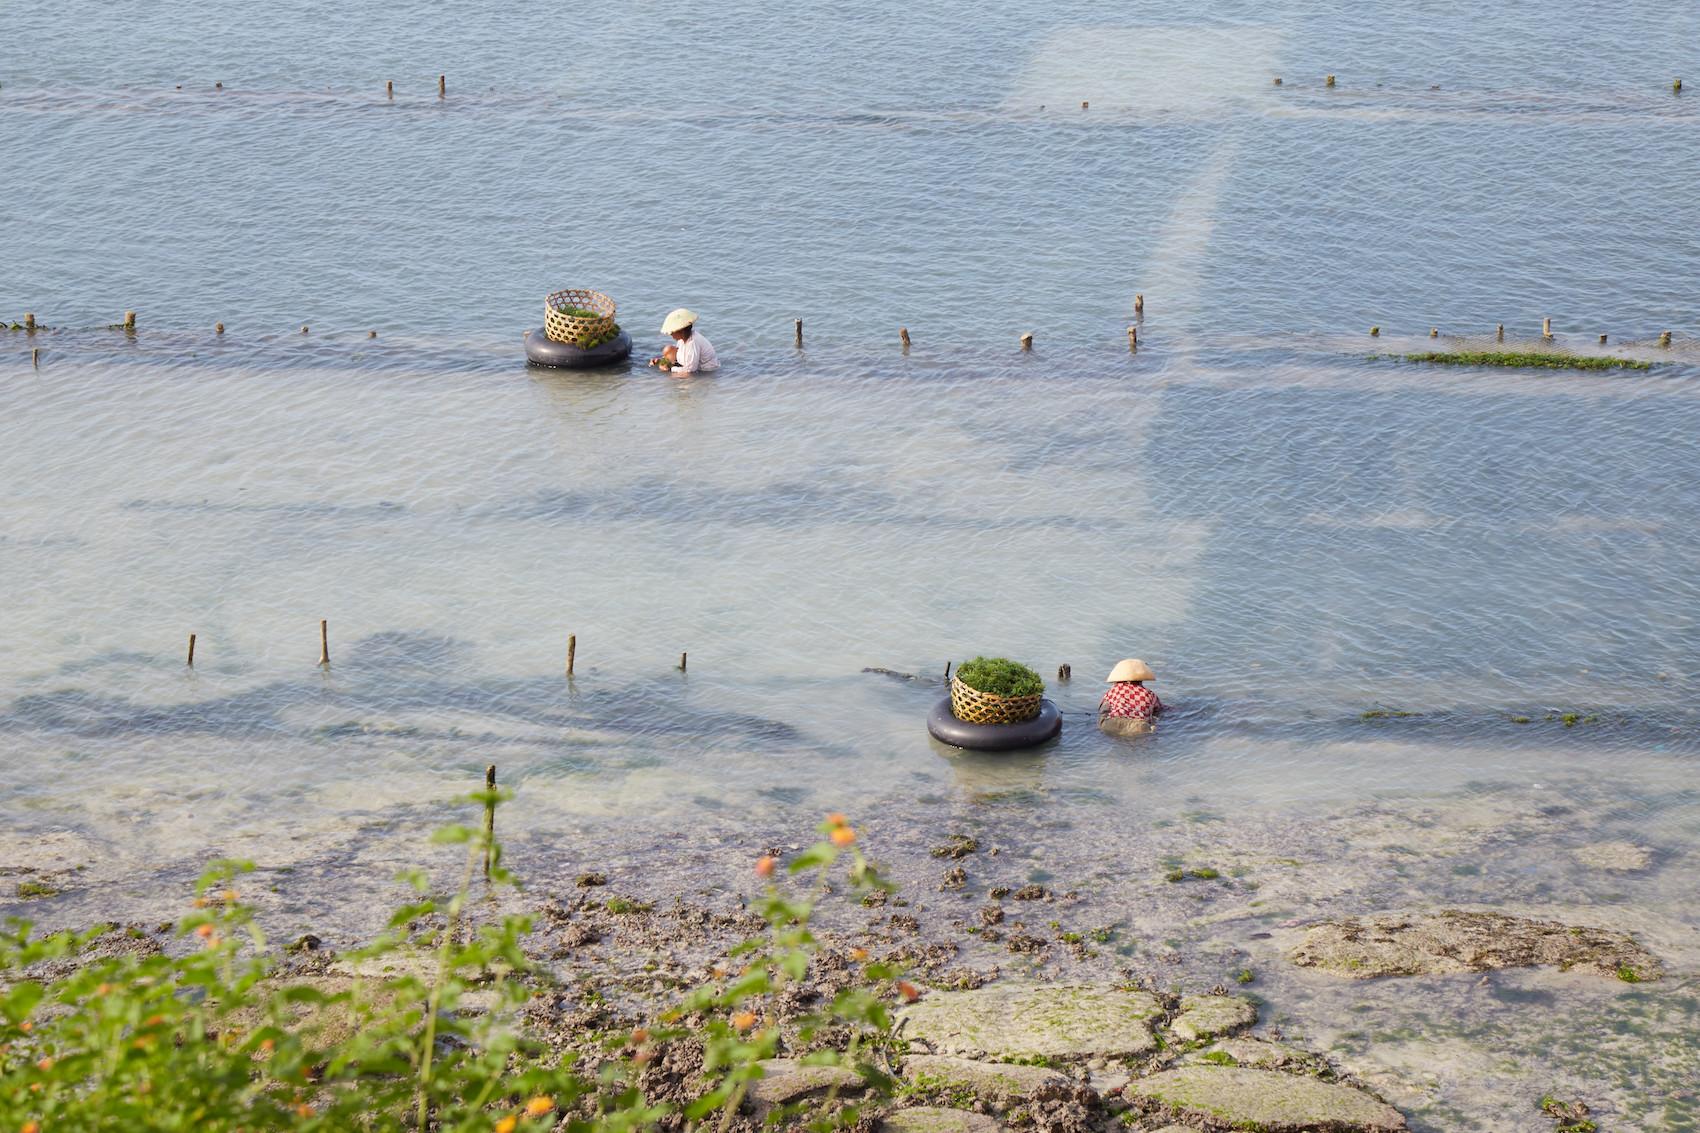 Nusa Penida Seaweed Cultivation